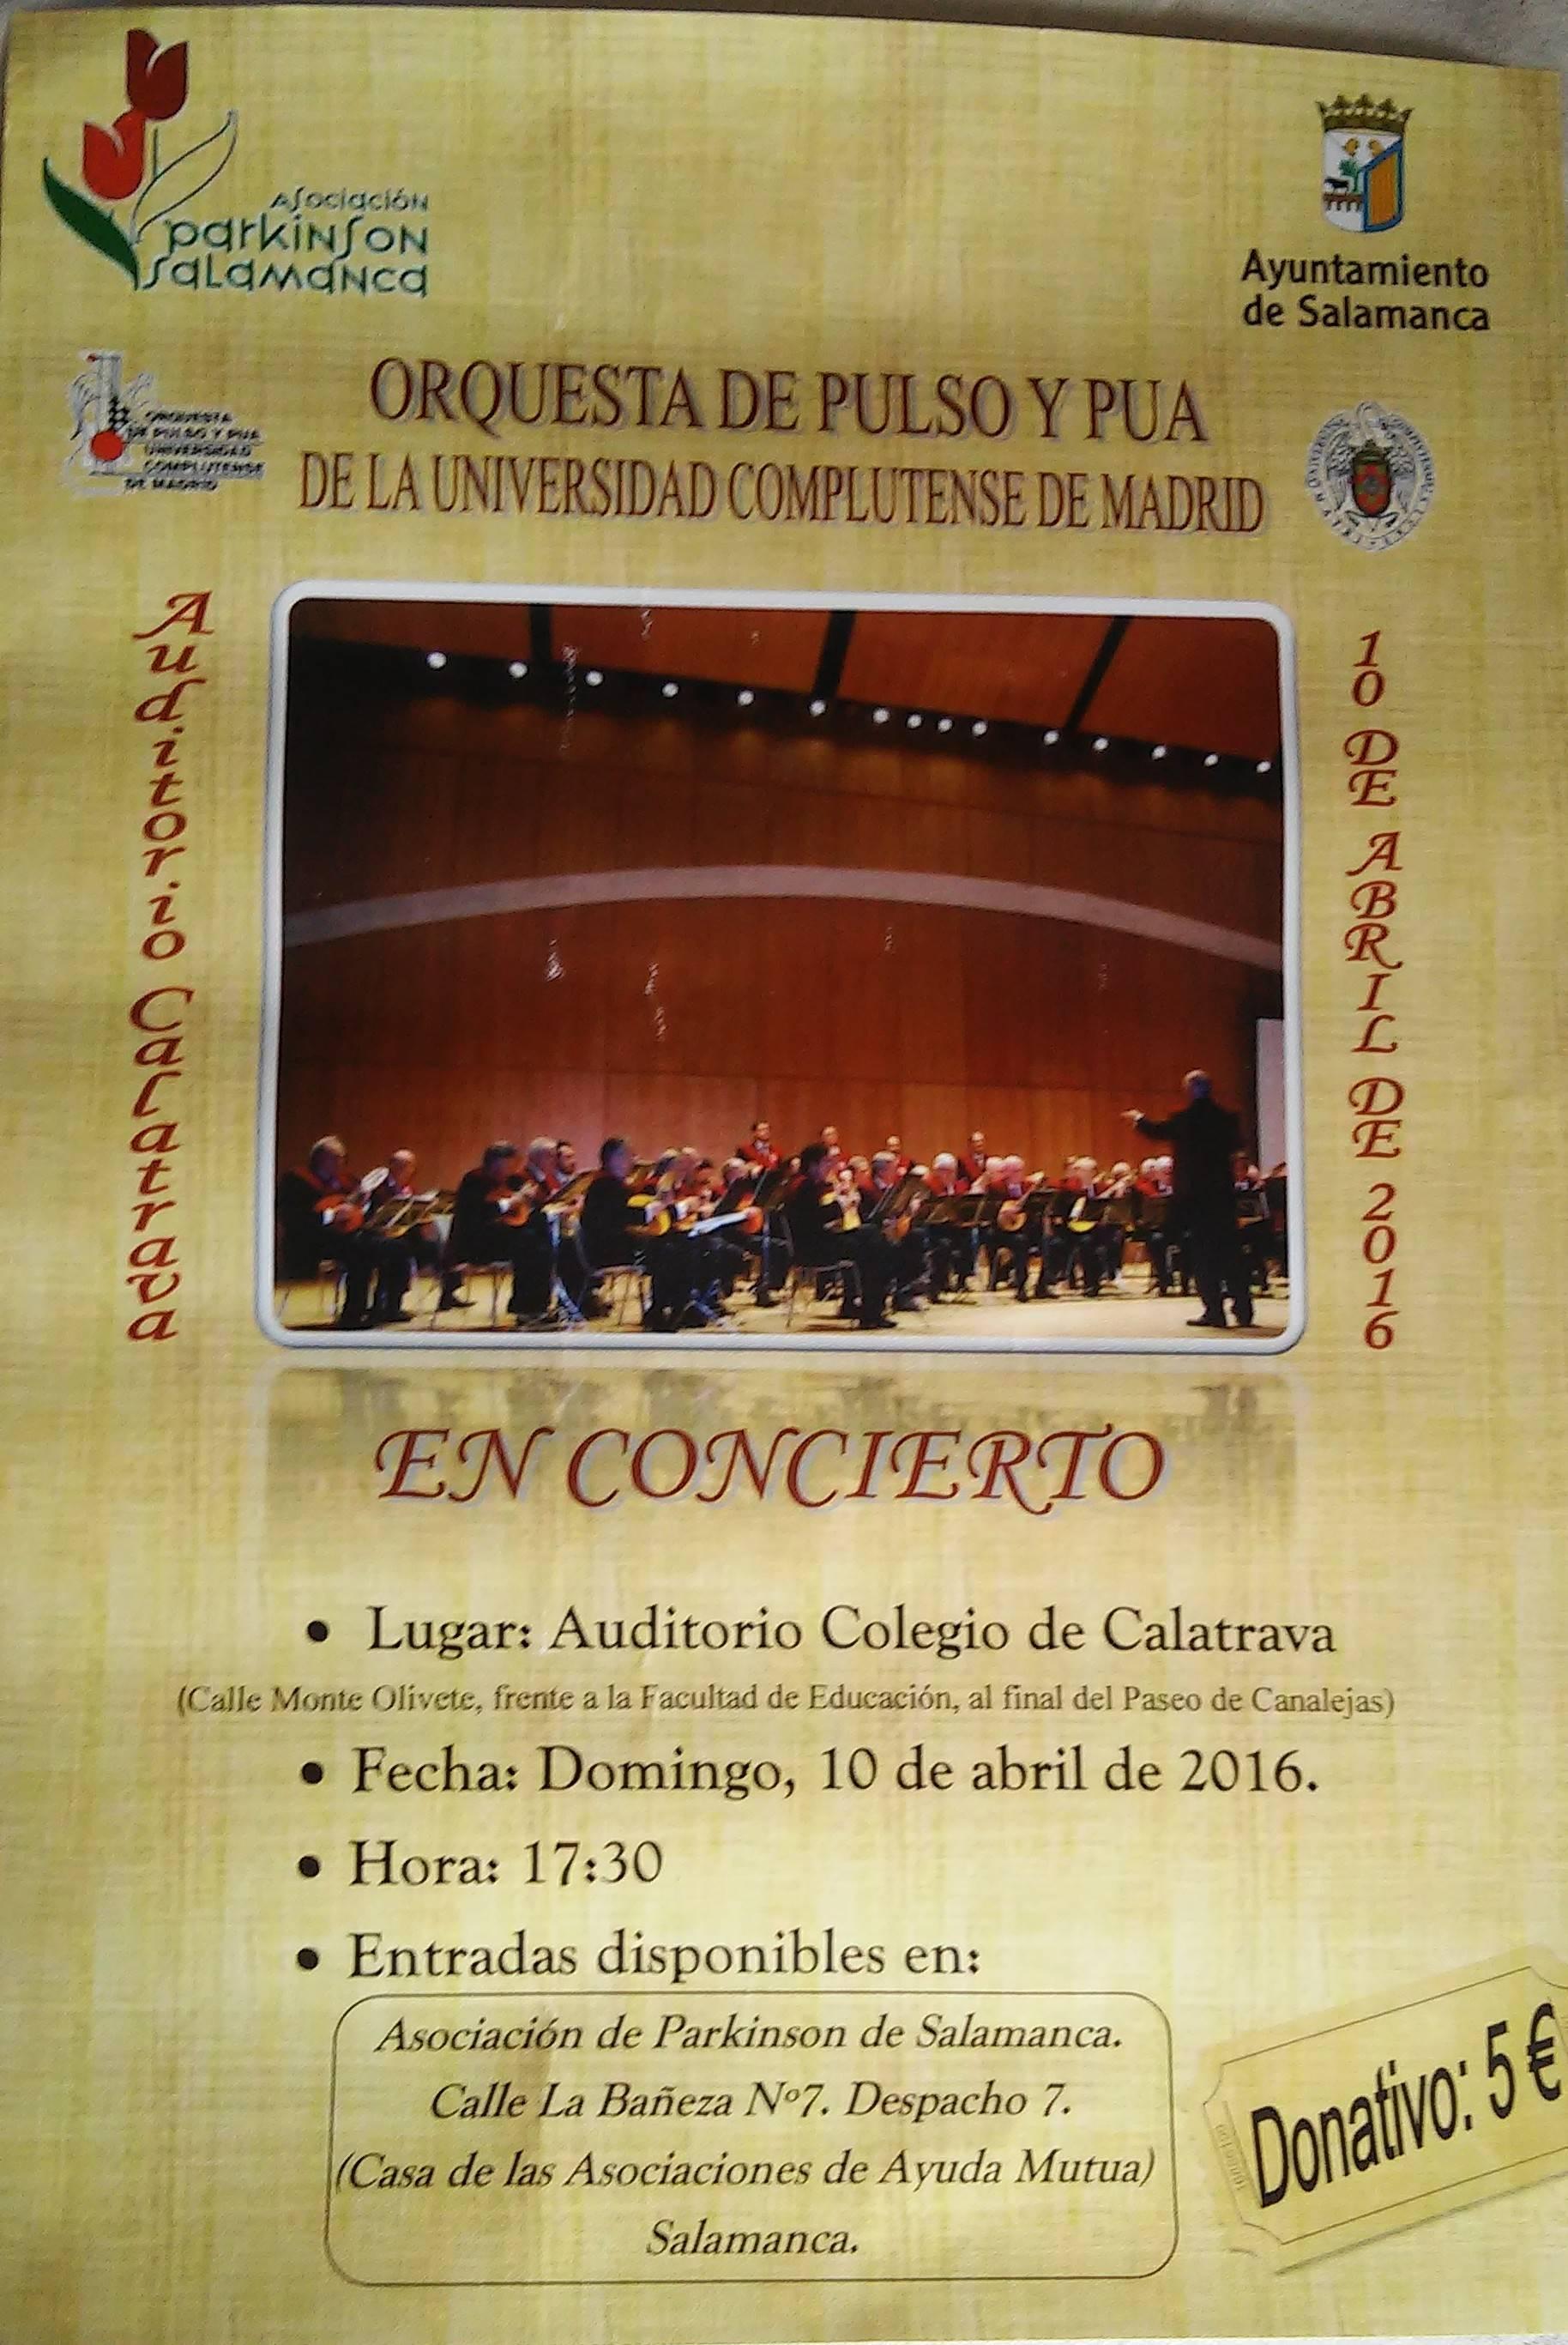 Concierto benéfico a favor de la Asociación Parkinson Salamanca